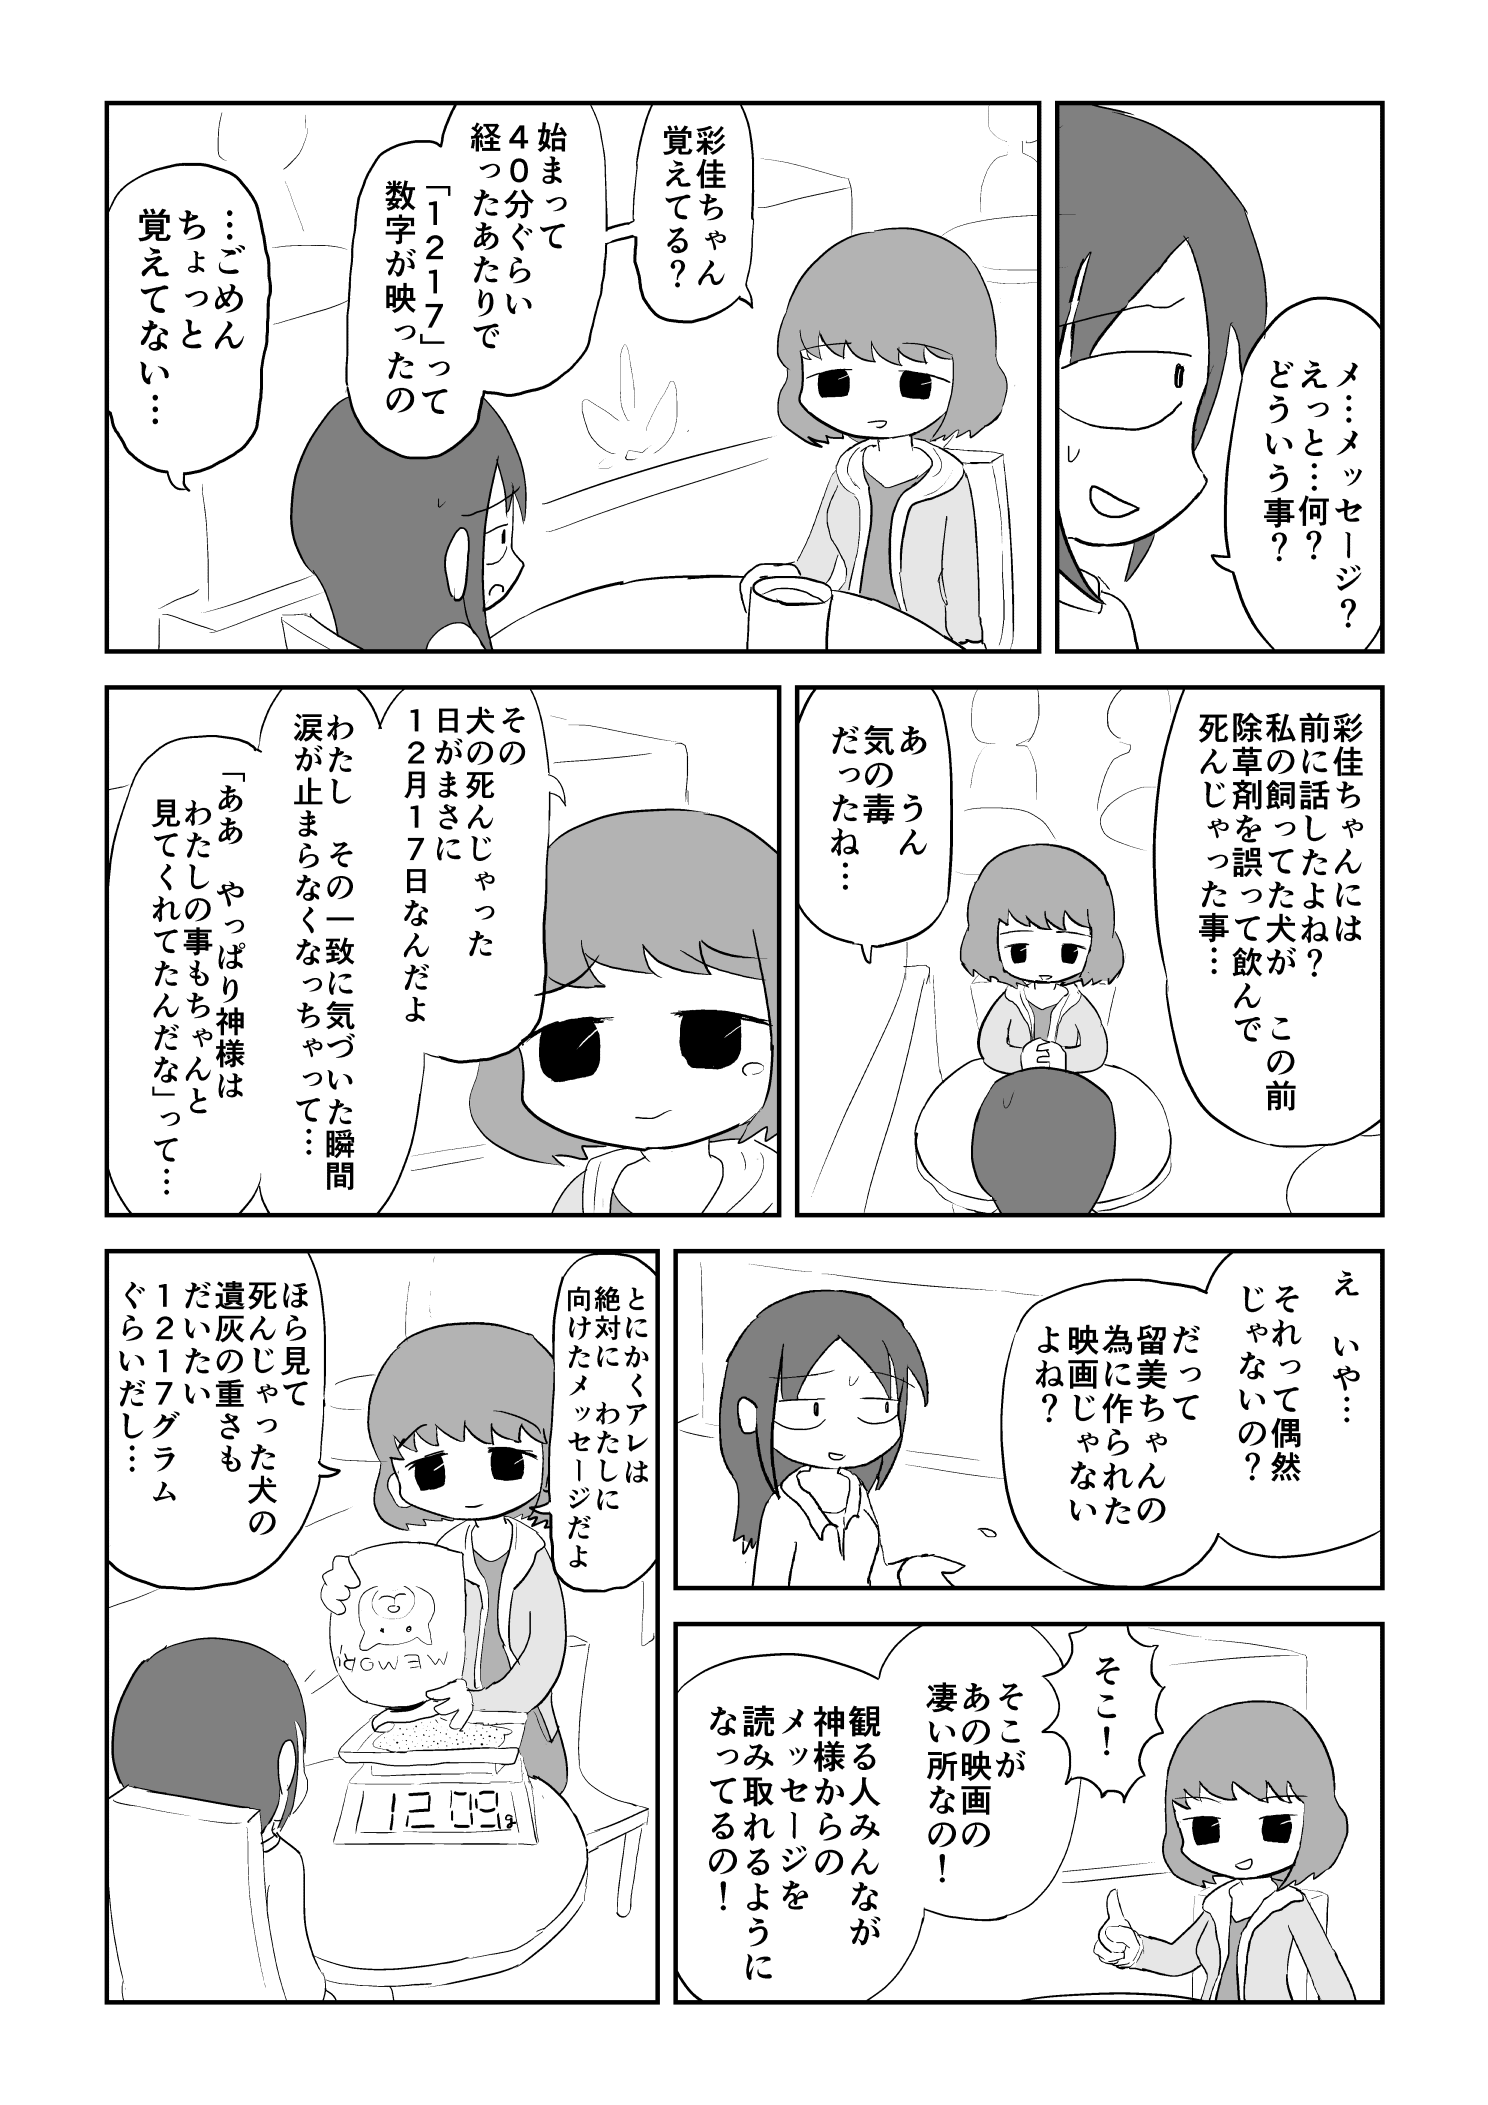 ラスタライズ神様_004